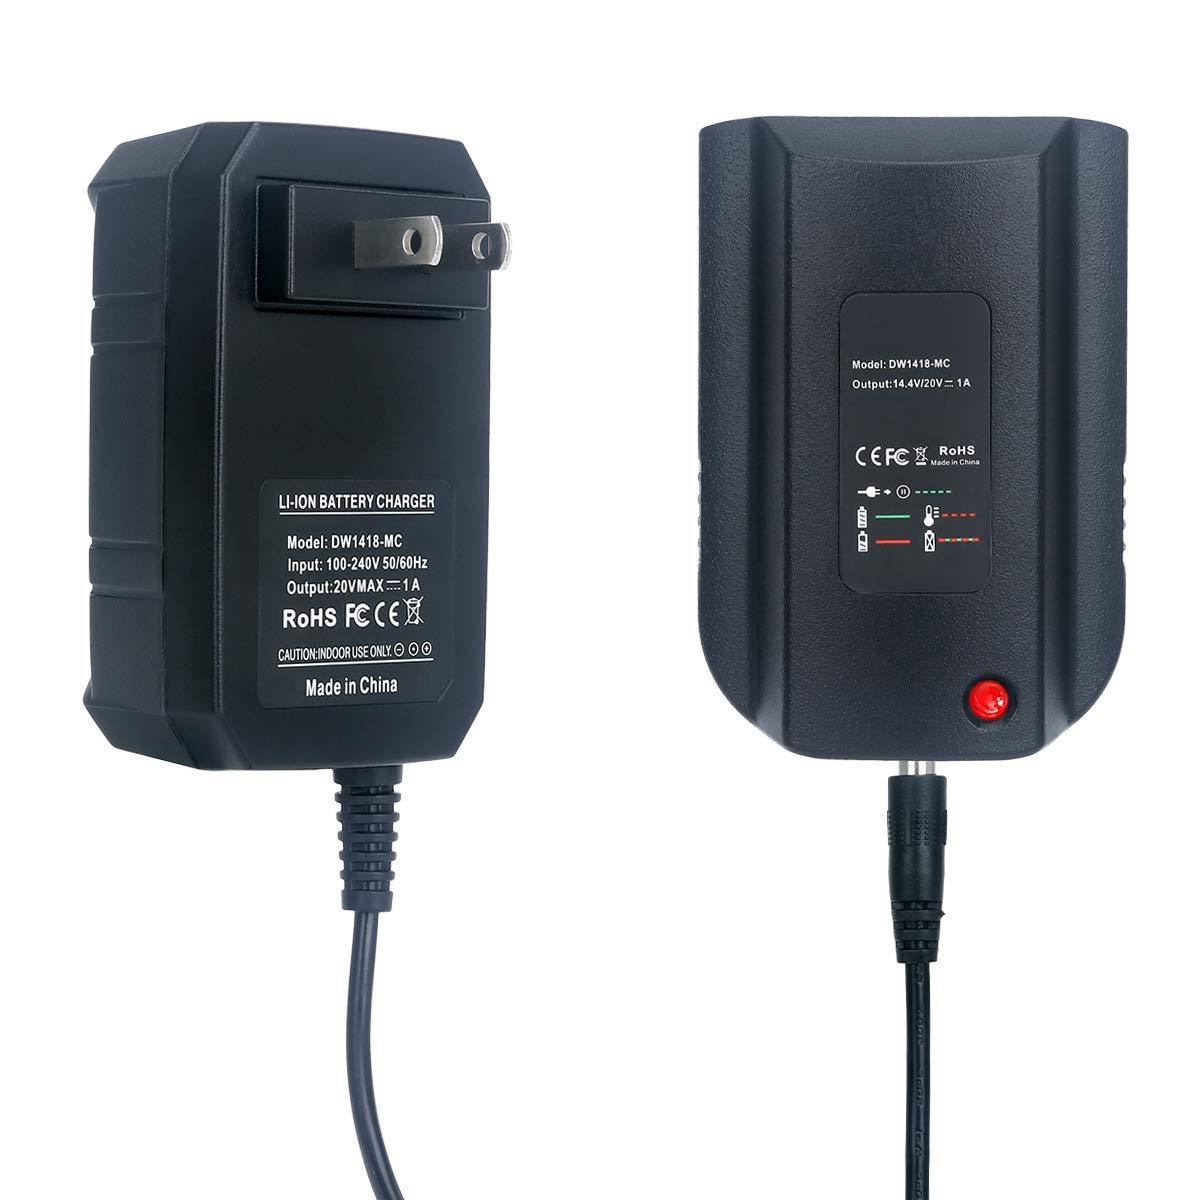 Lasica Replacement Dewalt 14.4V/20V Lithium Battery Charger DCB107 DCB115 DCB112 for Dewalt 14.4V or 20V Slide Style Lithium Battery DCB205 DCB200 DCB201 DCB203 DCB204 DCB206 DCB207 DCB180 DCB181